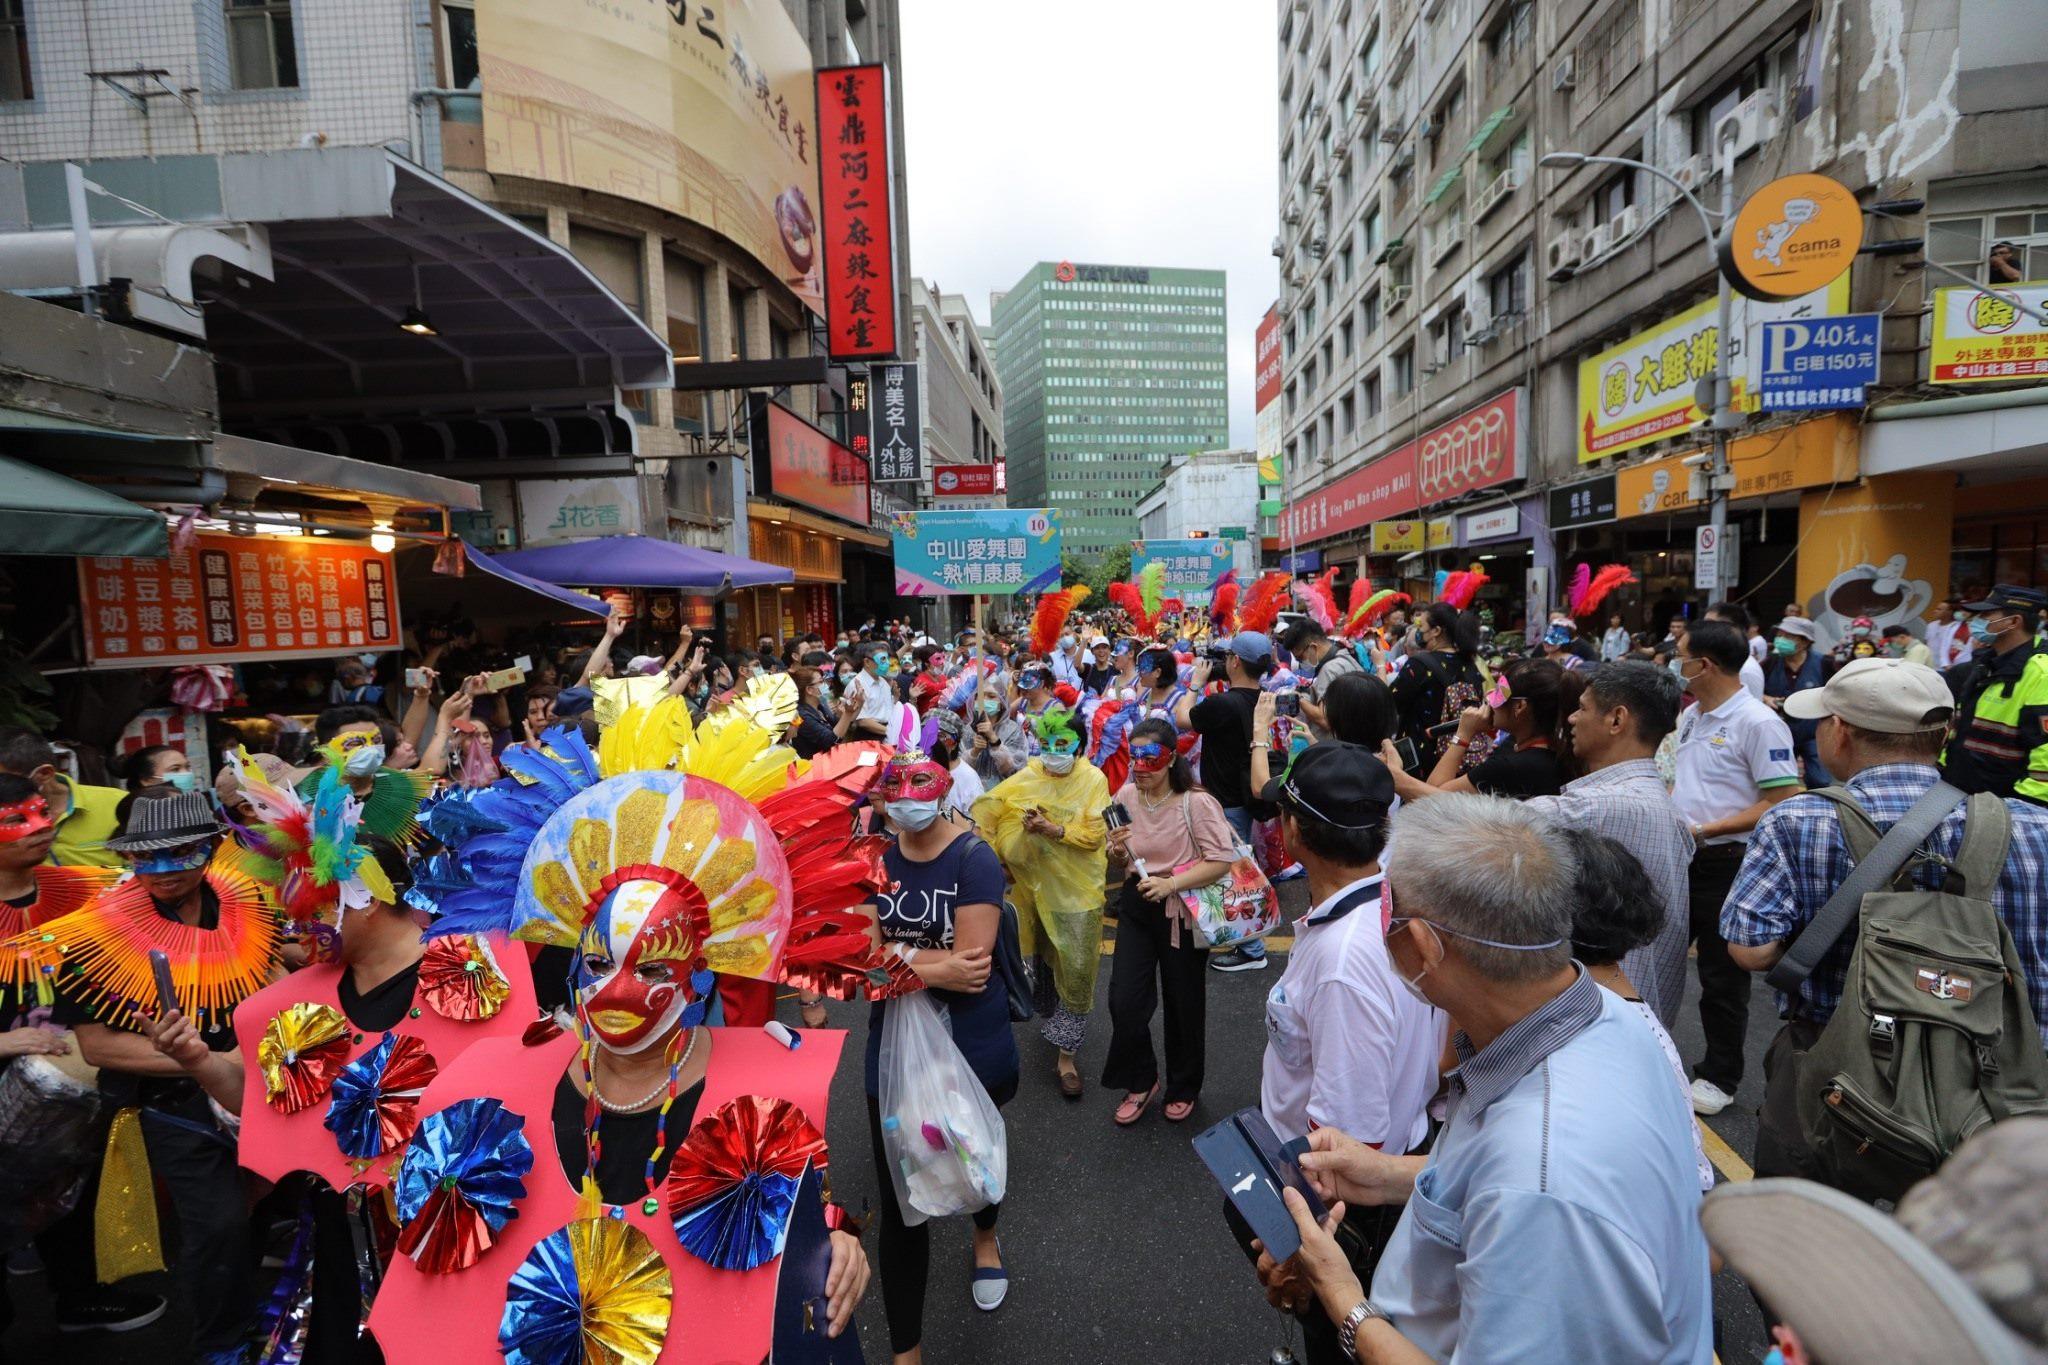 9-Barisan topeng melakukan parade di kawasan perbelanjaan Qingguang